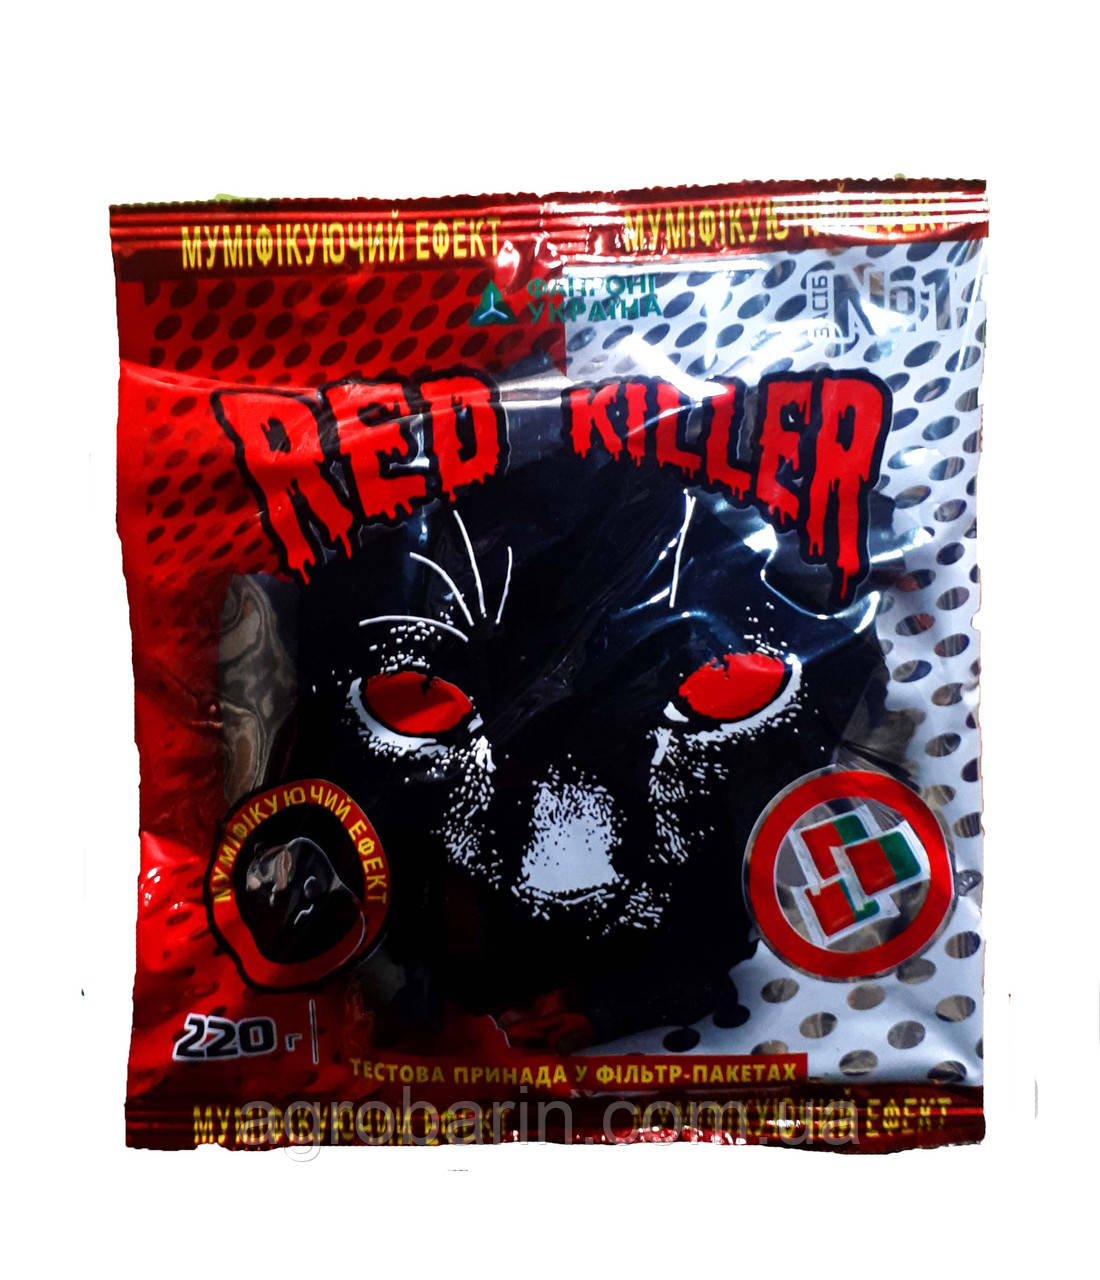 Ред Киллер тесто (двух цветное) 220г от крыс и мышей, оригинал.